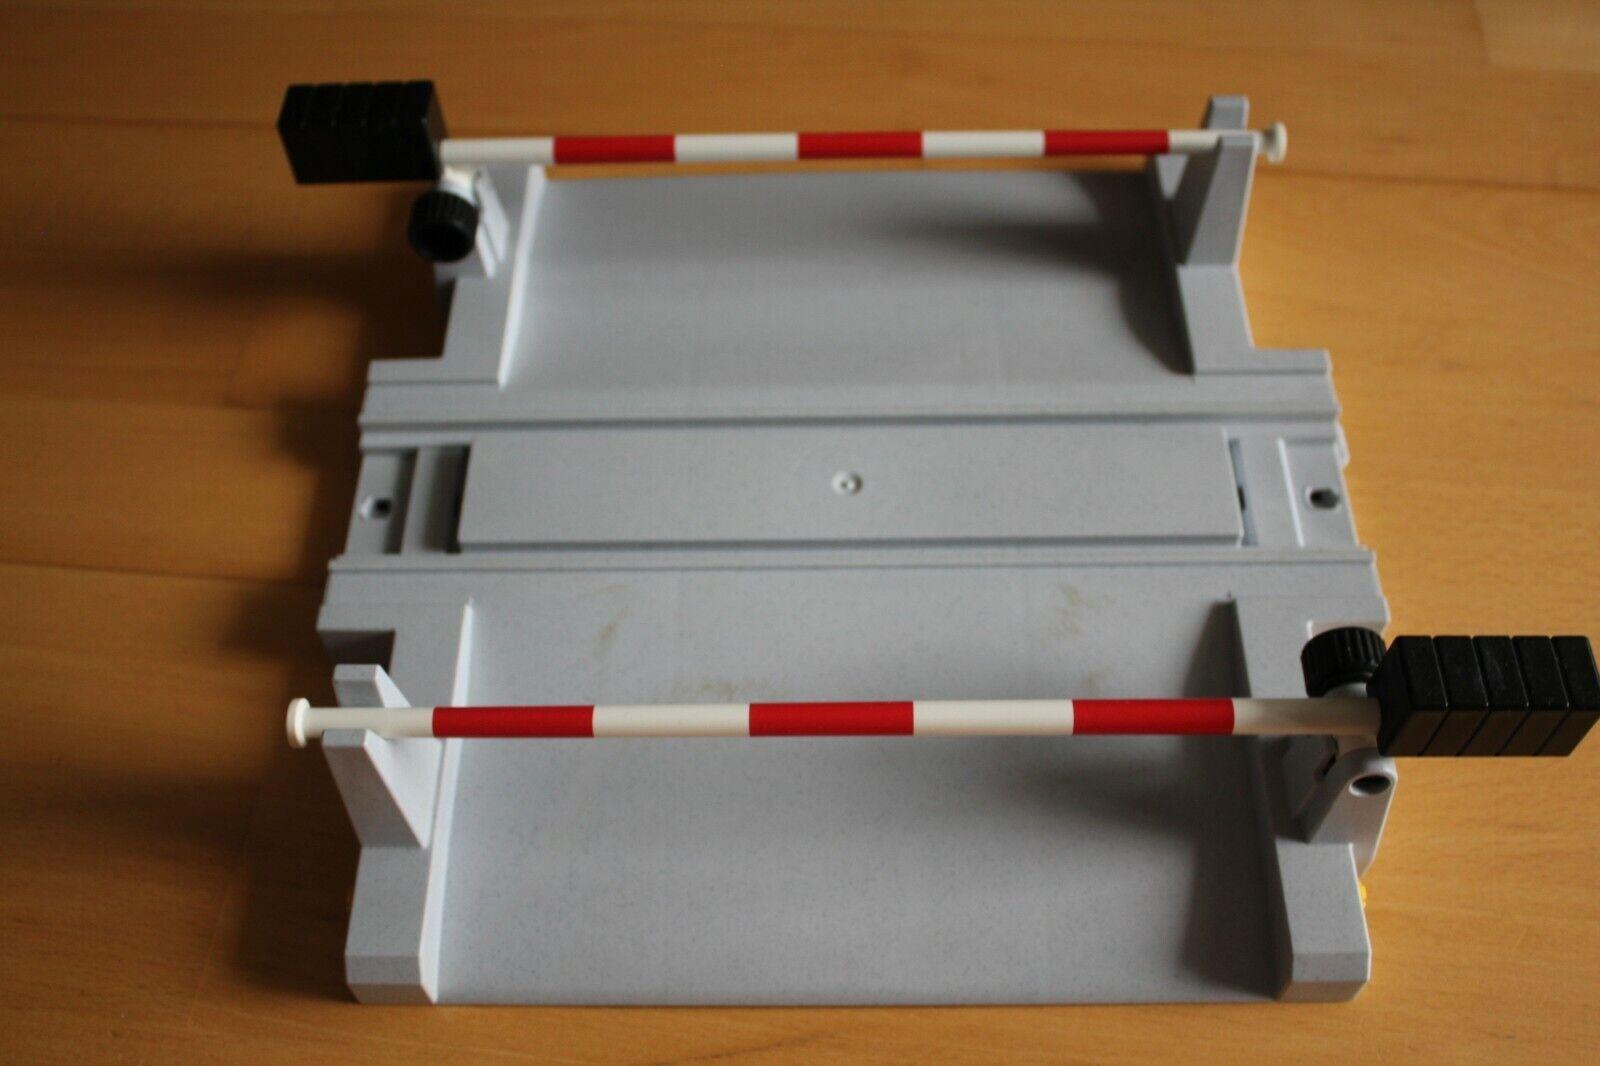 FALLER 120171 Beschrankter Bahnübergang mikroprozessorgesteuert H0